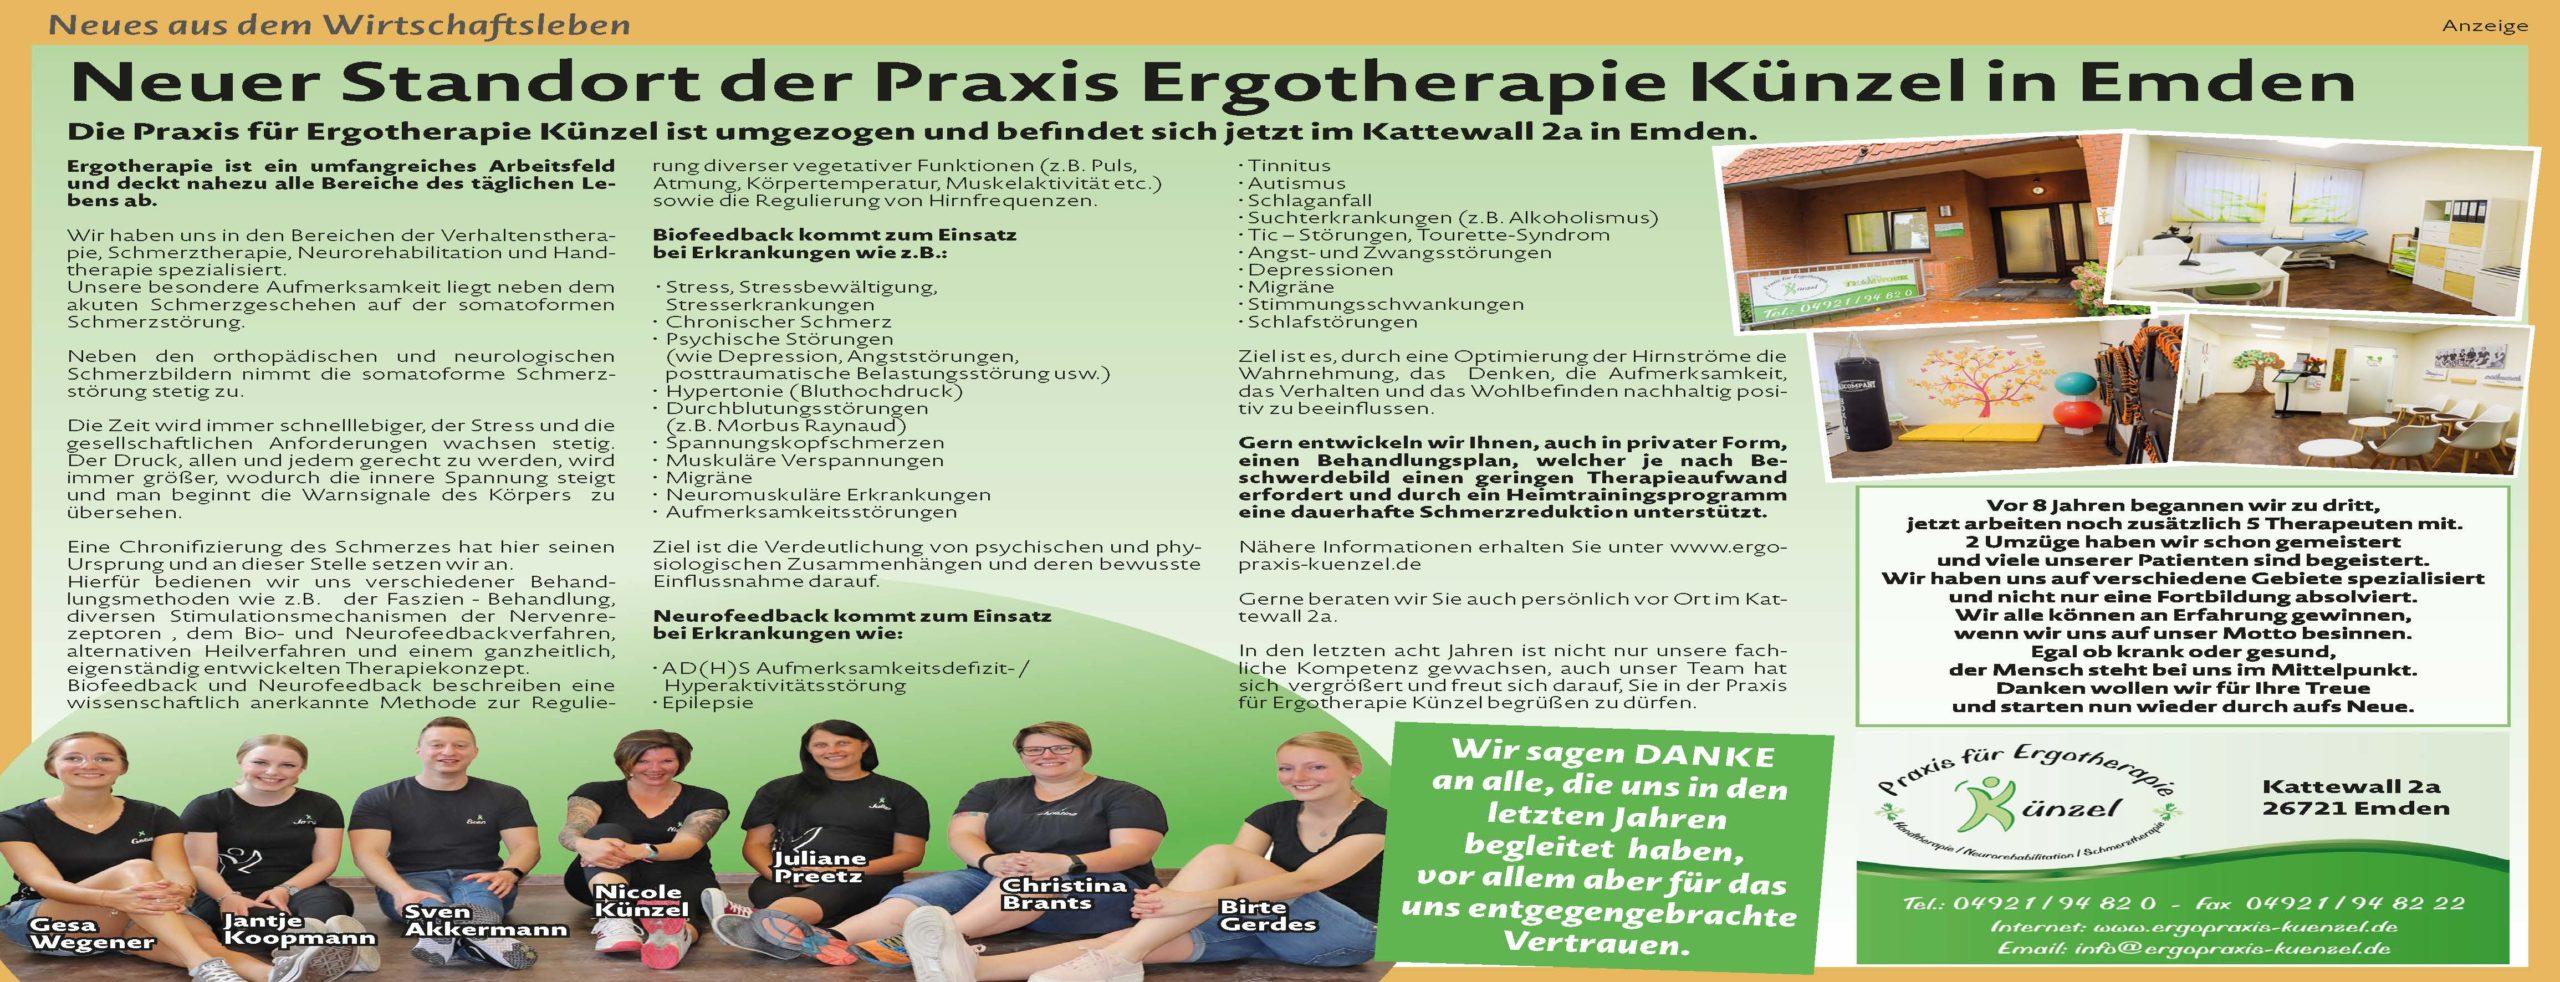 Ergopraxis Nicole Künzel Ergotherapie Emden